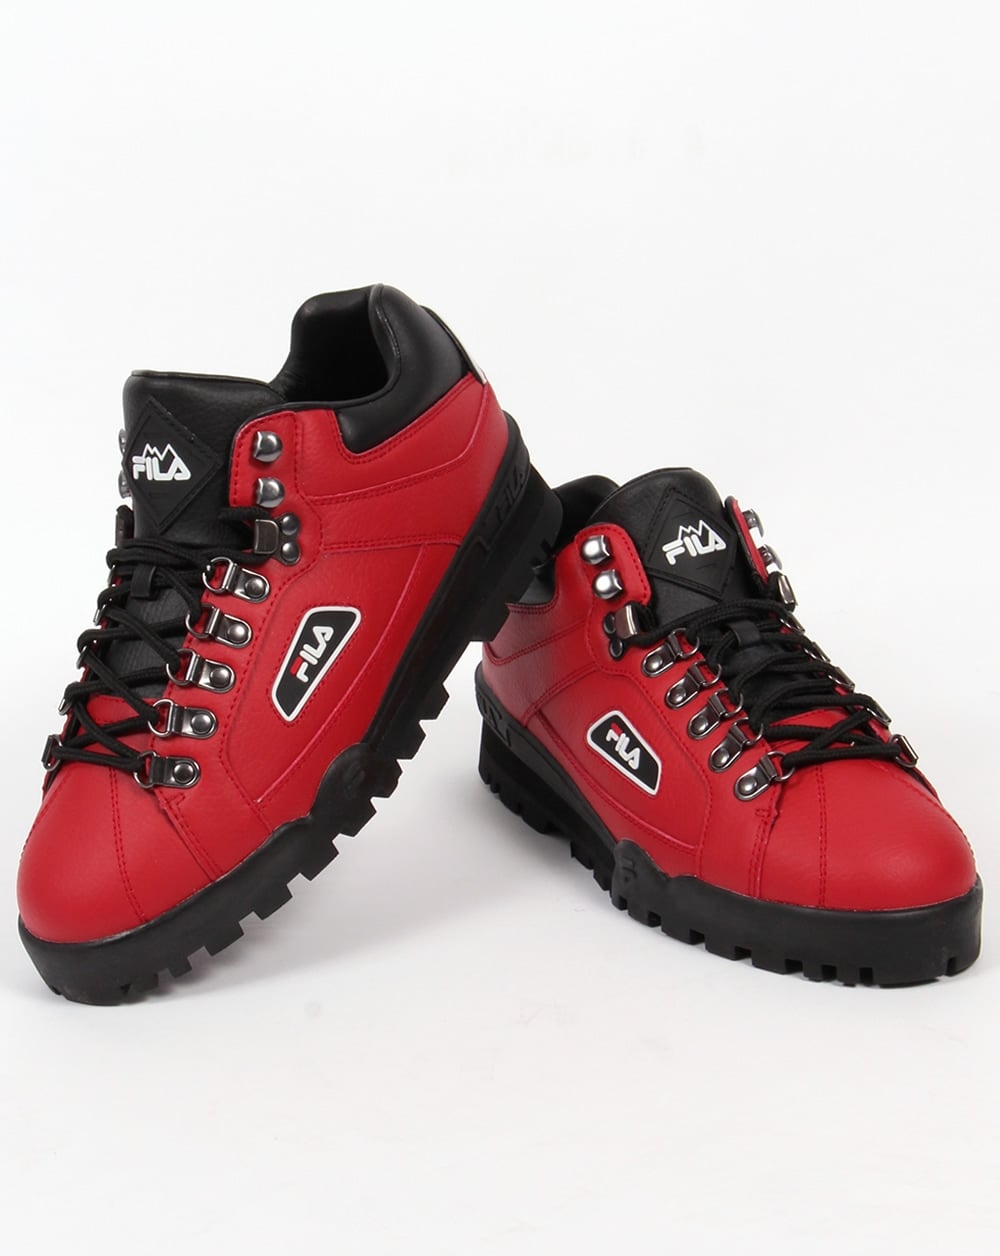 2b18b92d13a Fila Trailblazer Boots Red